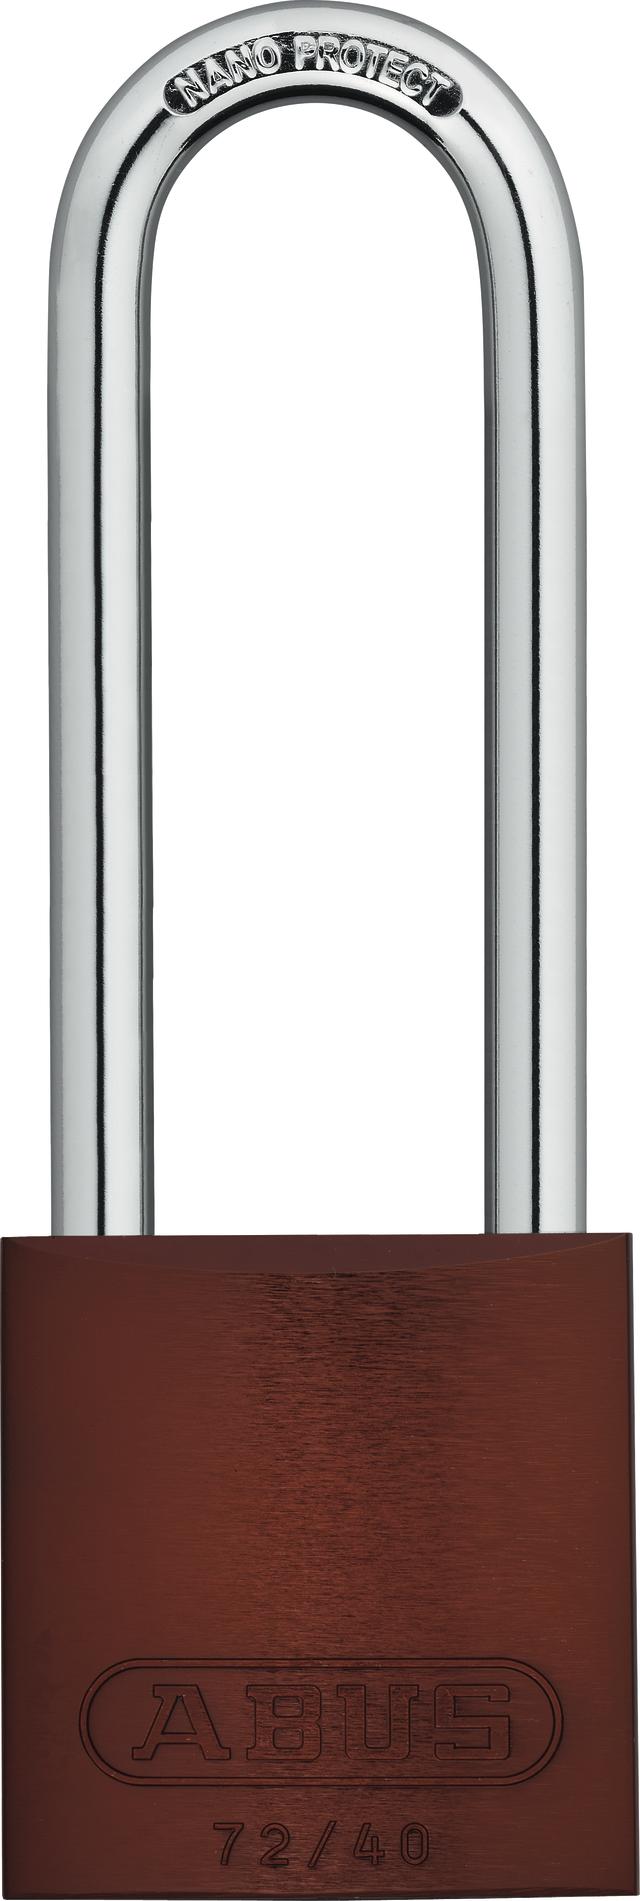 Vorhangschloss Aluminium 72/40HB75 braun